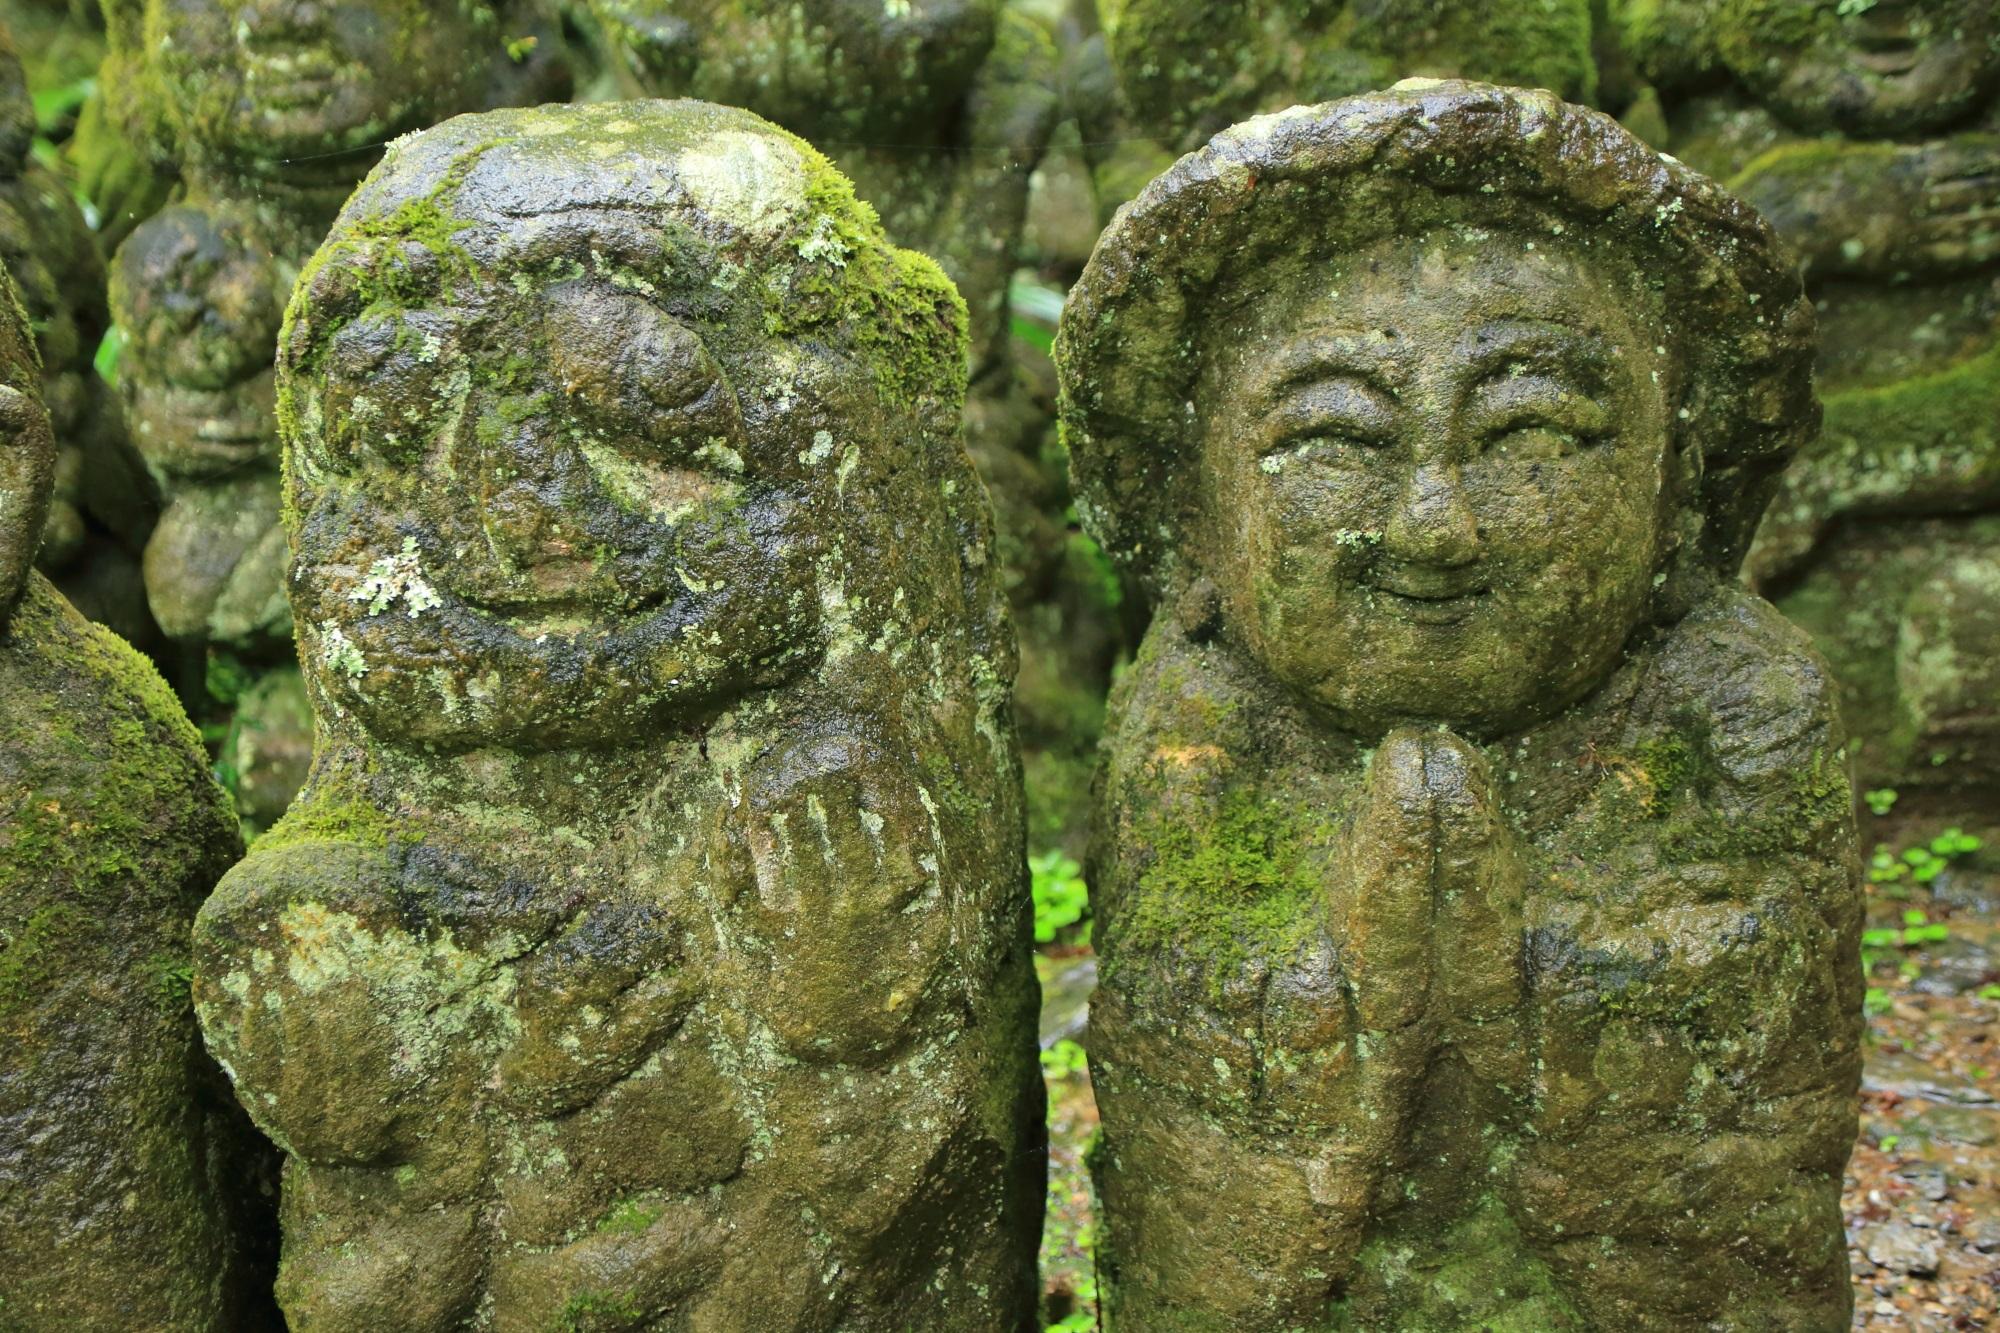 愛宕念仏寺のおばあちゃんの千二百羅漢